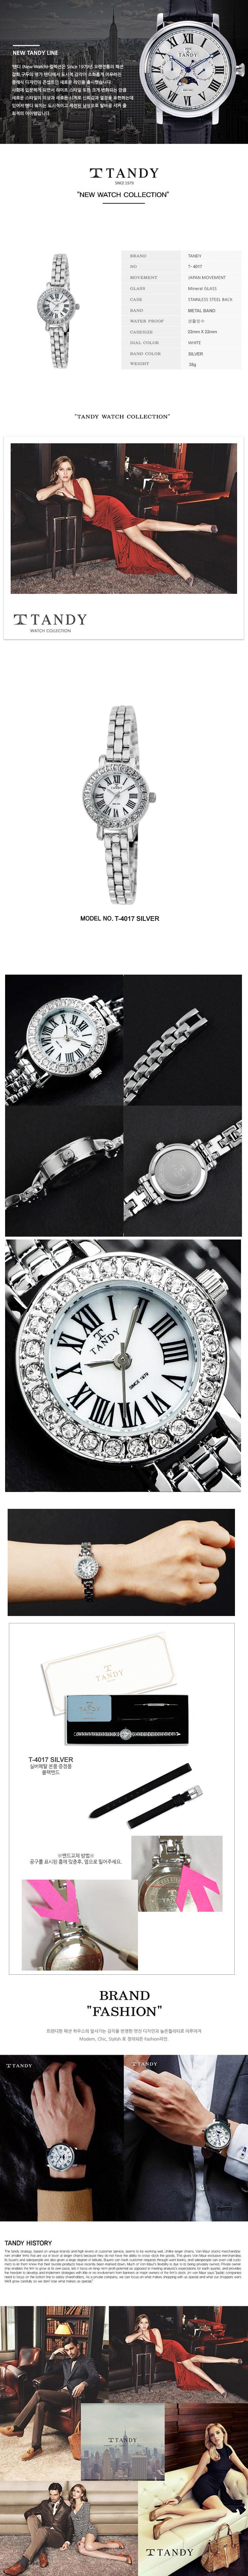 탠디 모던클래식 여성용 메탈시계 T-4017 - 탠디, 65,600원, 여성시계, 메탈시계